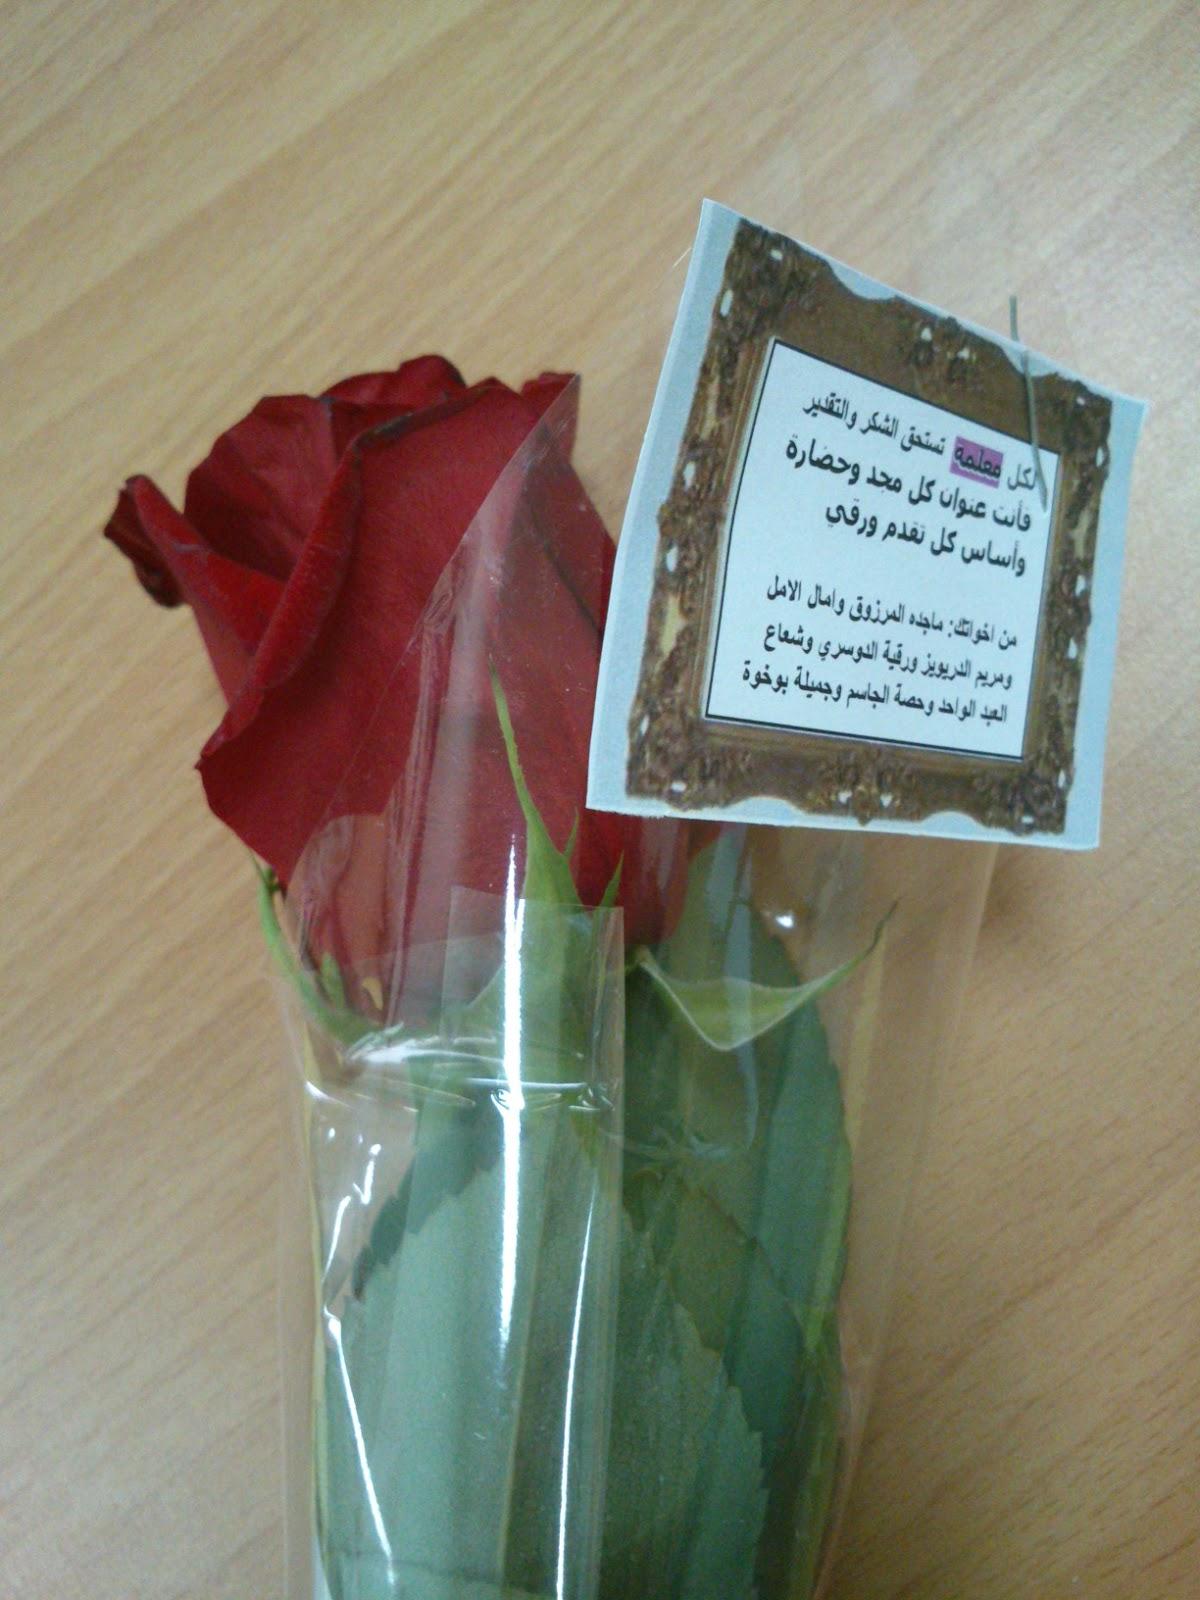 الملكية نبات رفض هدايا جميله للمعلمات 14thbrooklyn Org